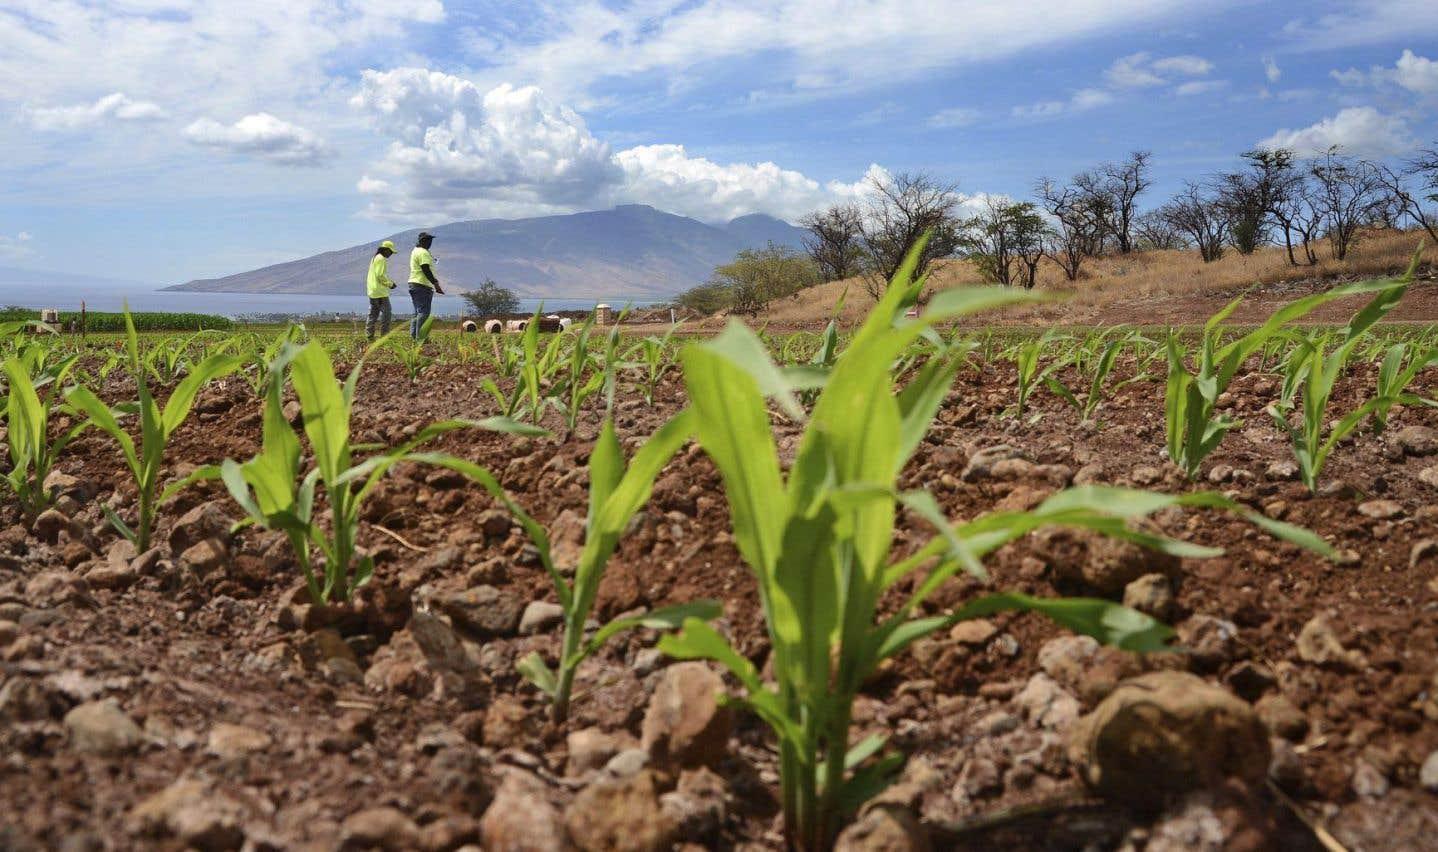 Une autre défaite pour l'étiquetage obligatoire des OGM